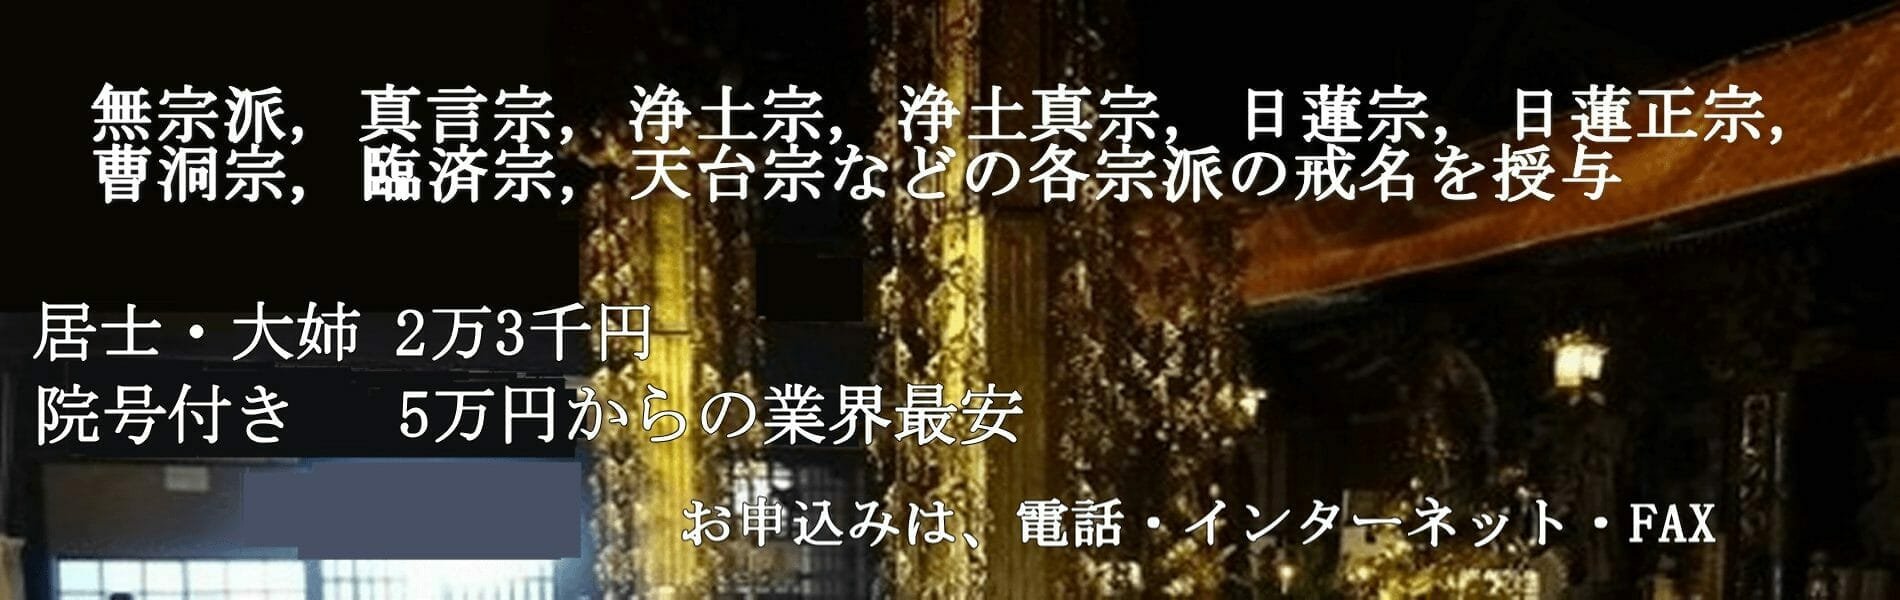 各宗派の戒名授与―NKS日本生前戒名推進会